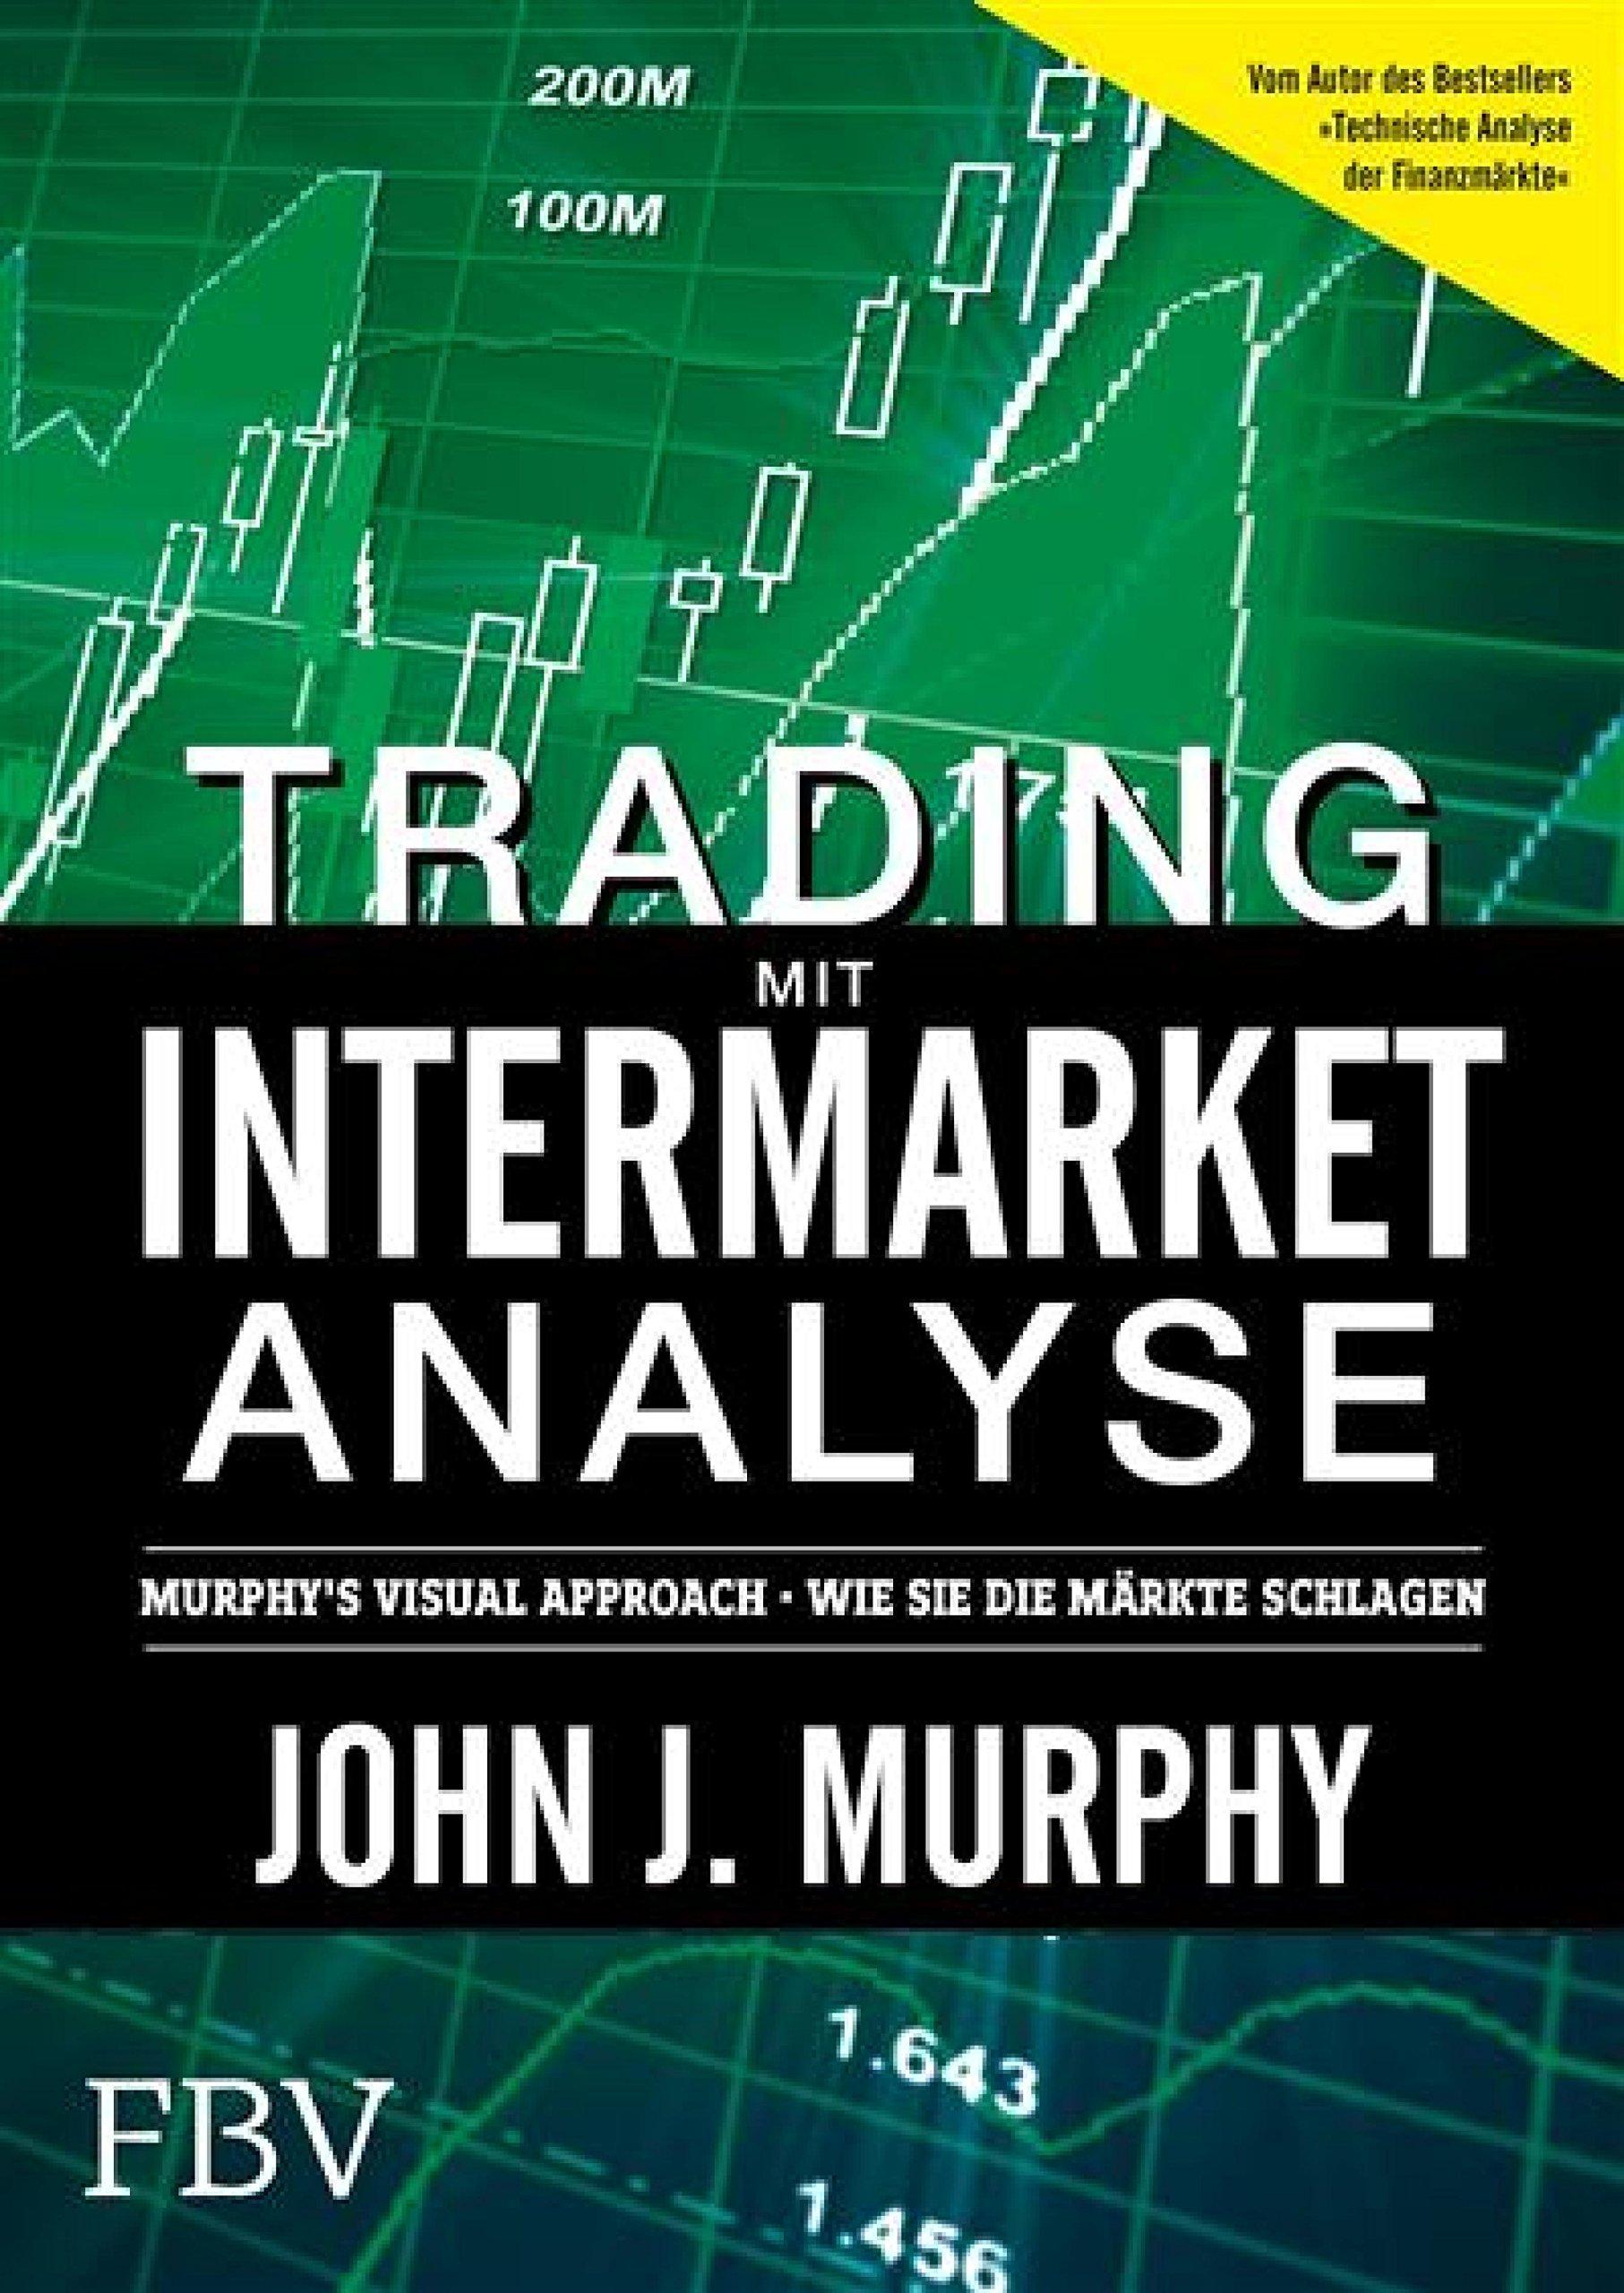 Trading Mit Intermarket Analyse  Murphy´s Visual Approach   Wie Sie Die Märkte Schlagen